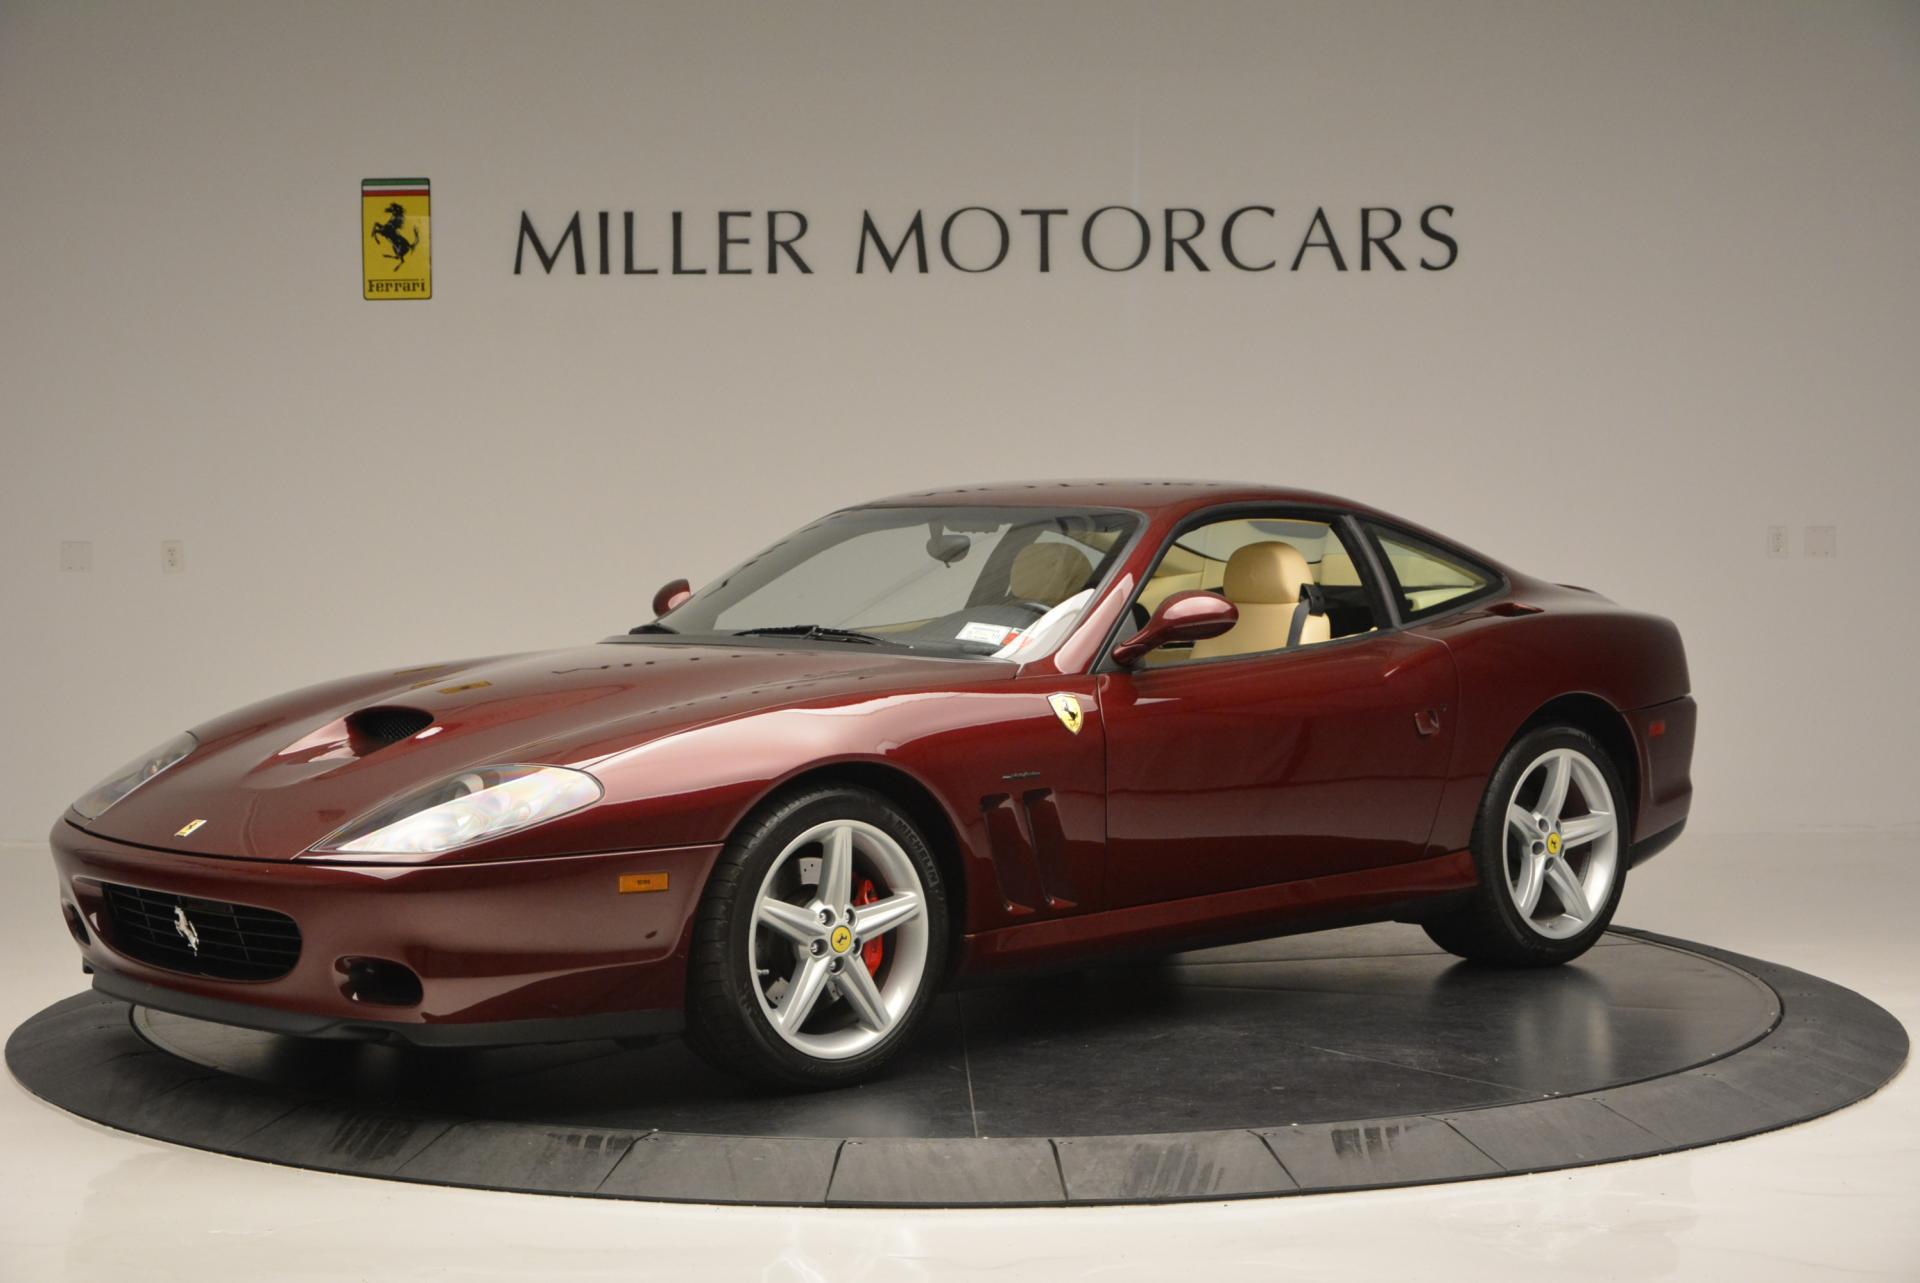 Used 2003 Ferrari 575M Maranello 6-Speed Manual For Sale In Greenwich, CT 143_p2